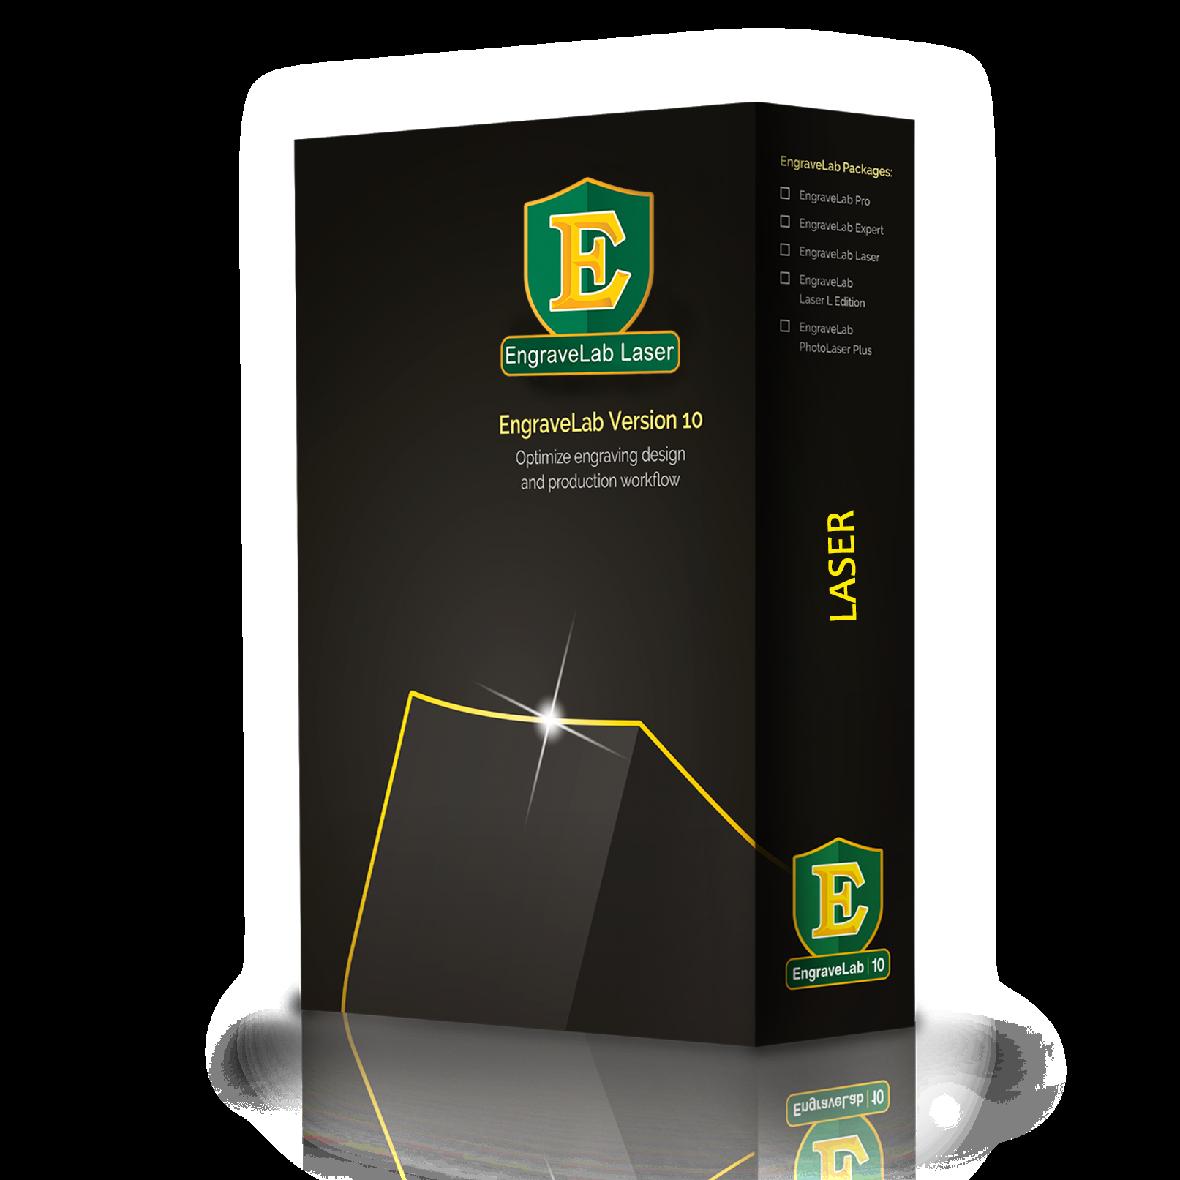 派科激光教育软件_简单的图文处理软件购买-济南派科信息技术有限公司